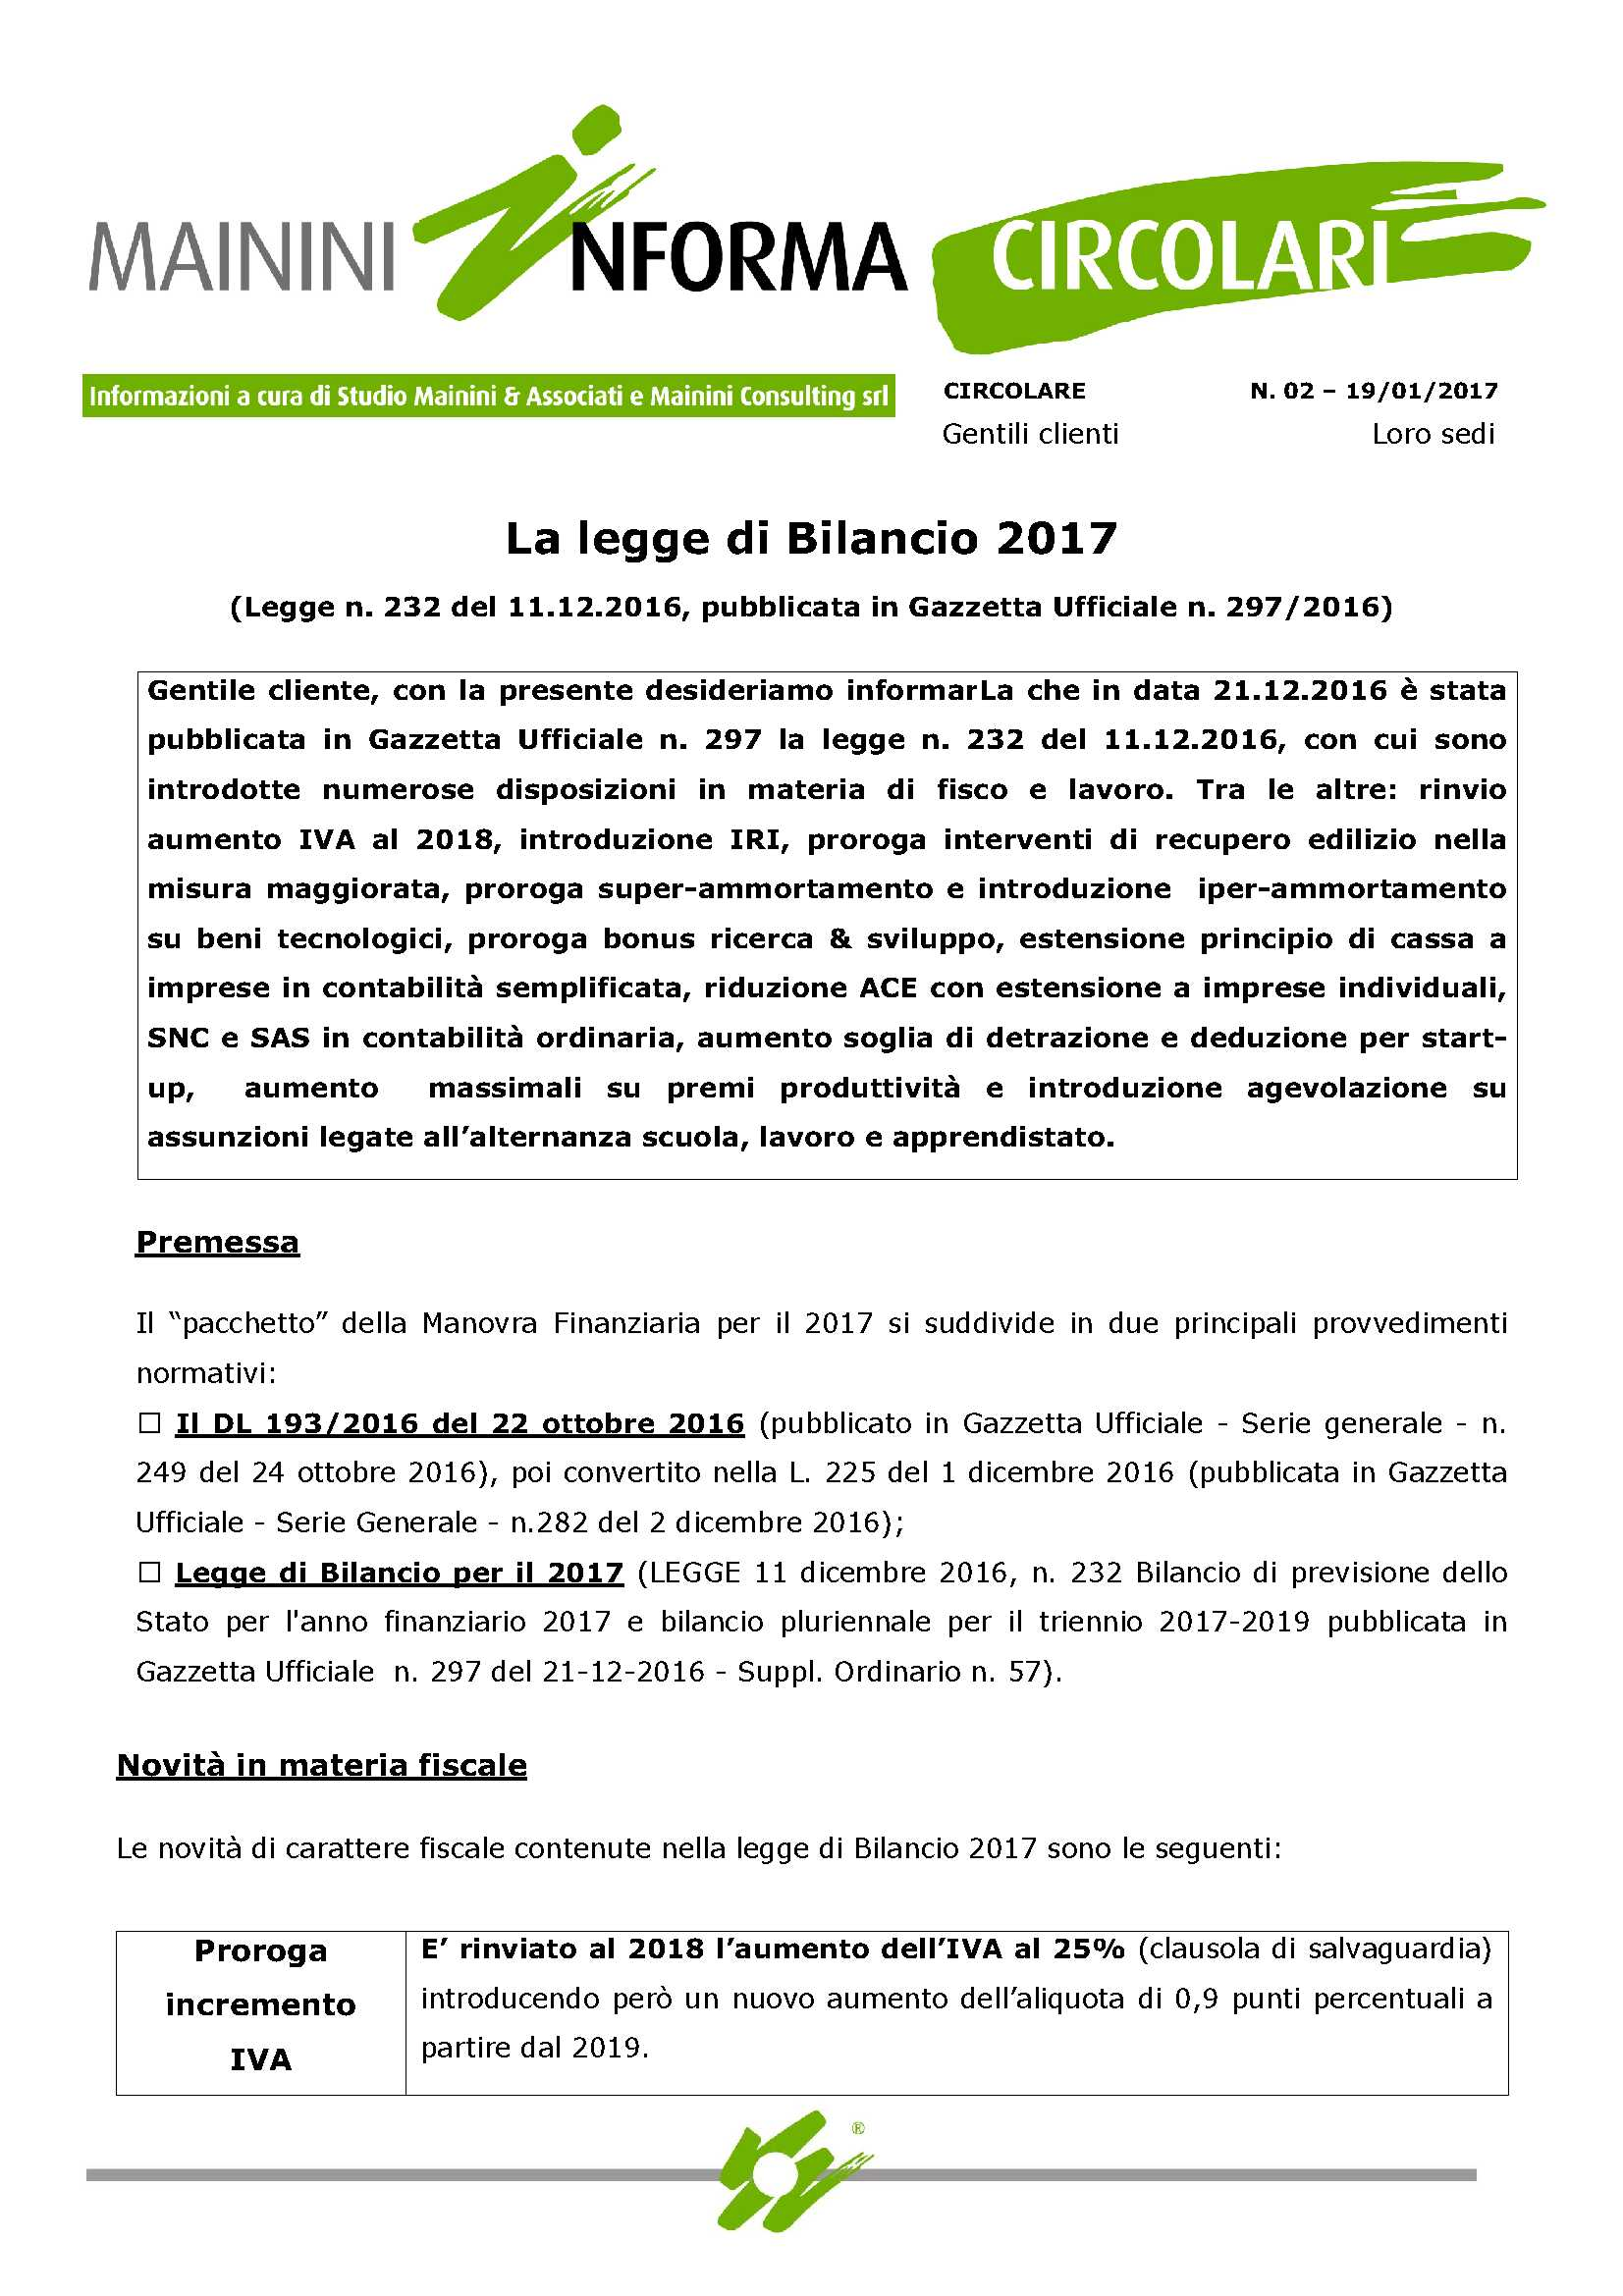 LaLeggeDiBilancio2017_1